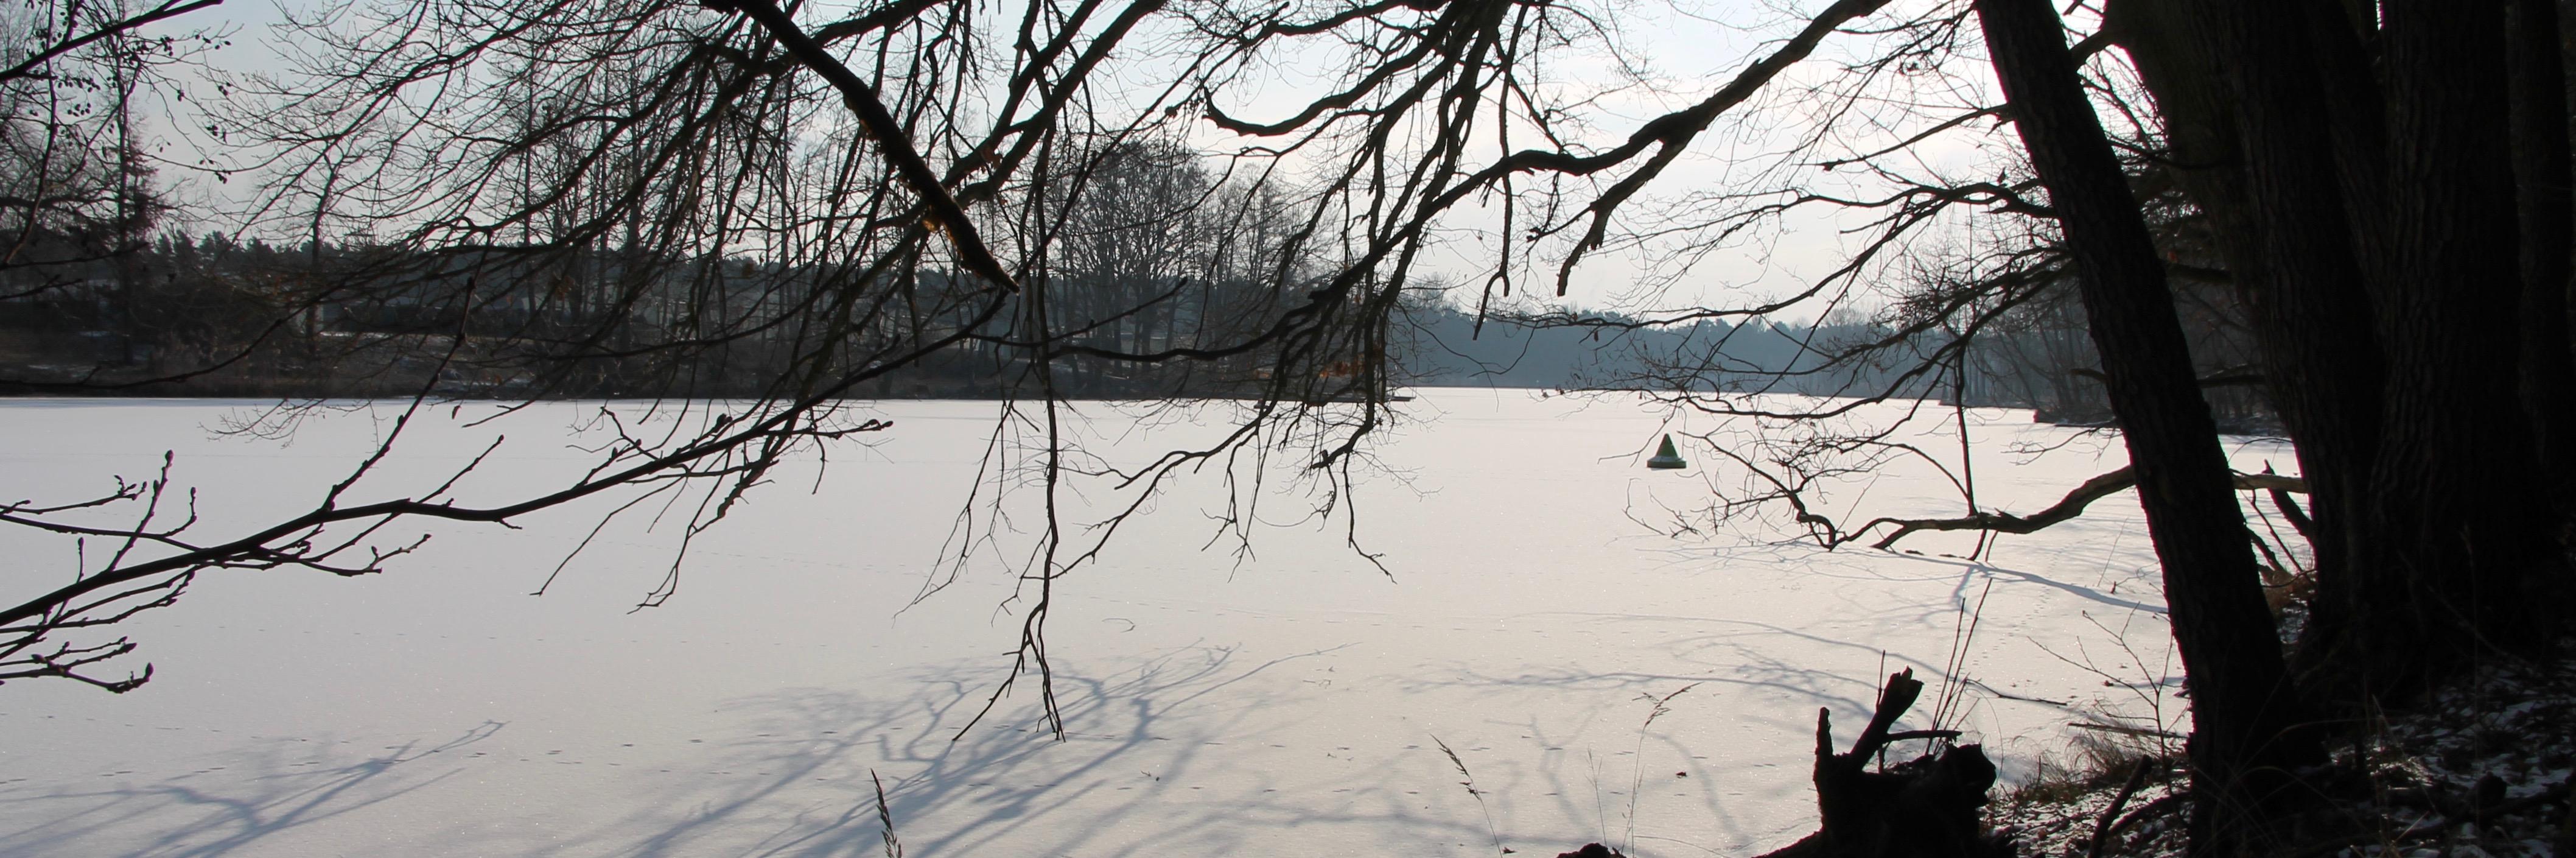 180301 Klietz Winter 19391